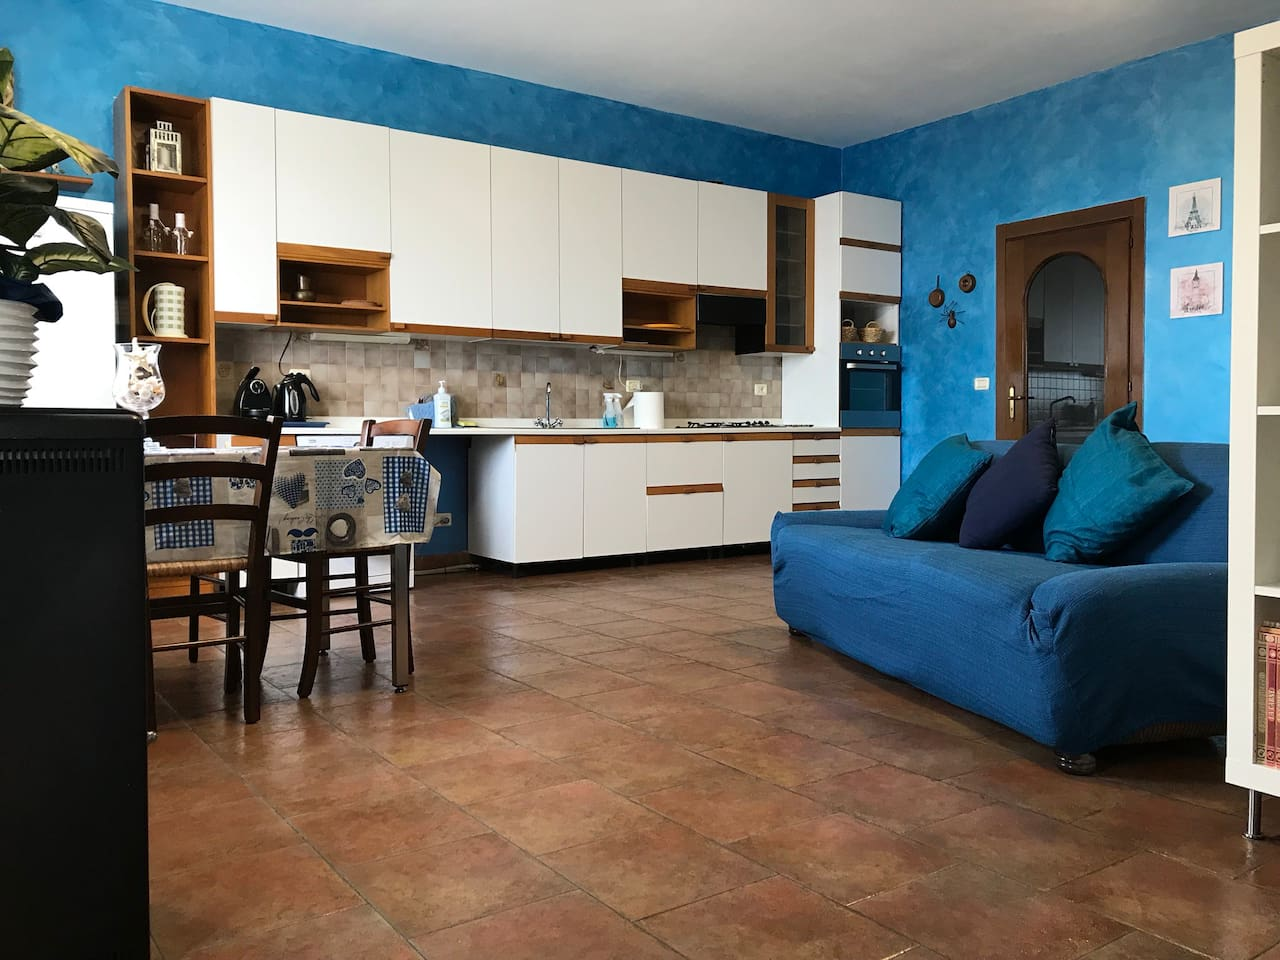 Ingresso open space con soggiorno e cucina